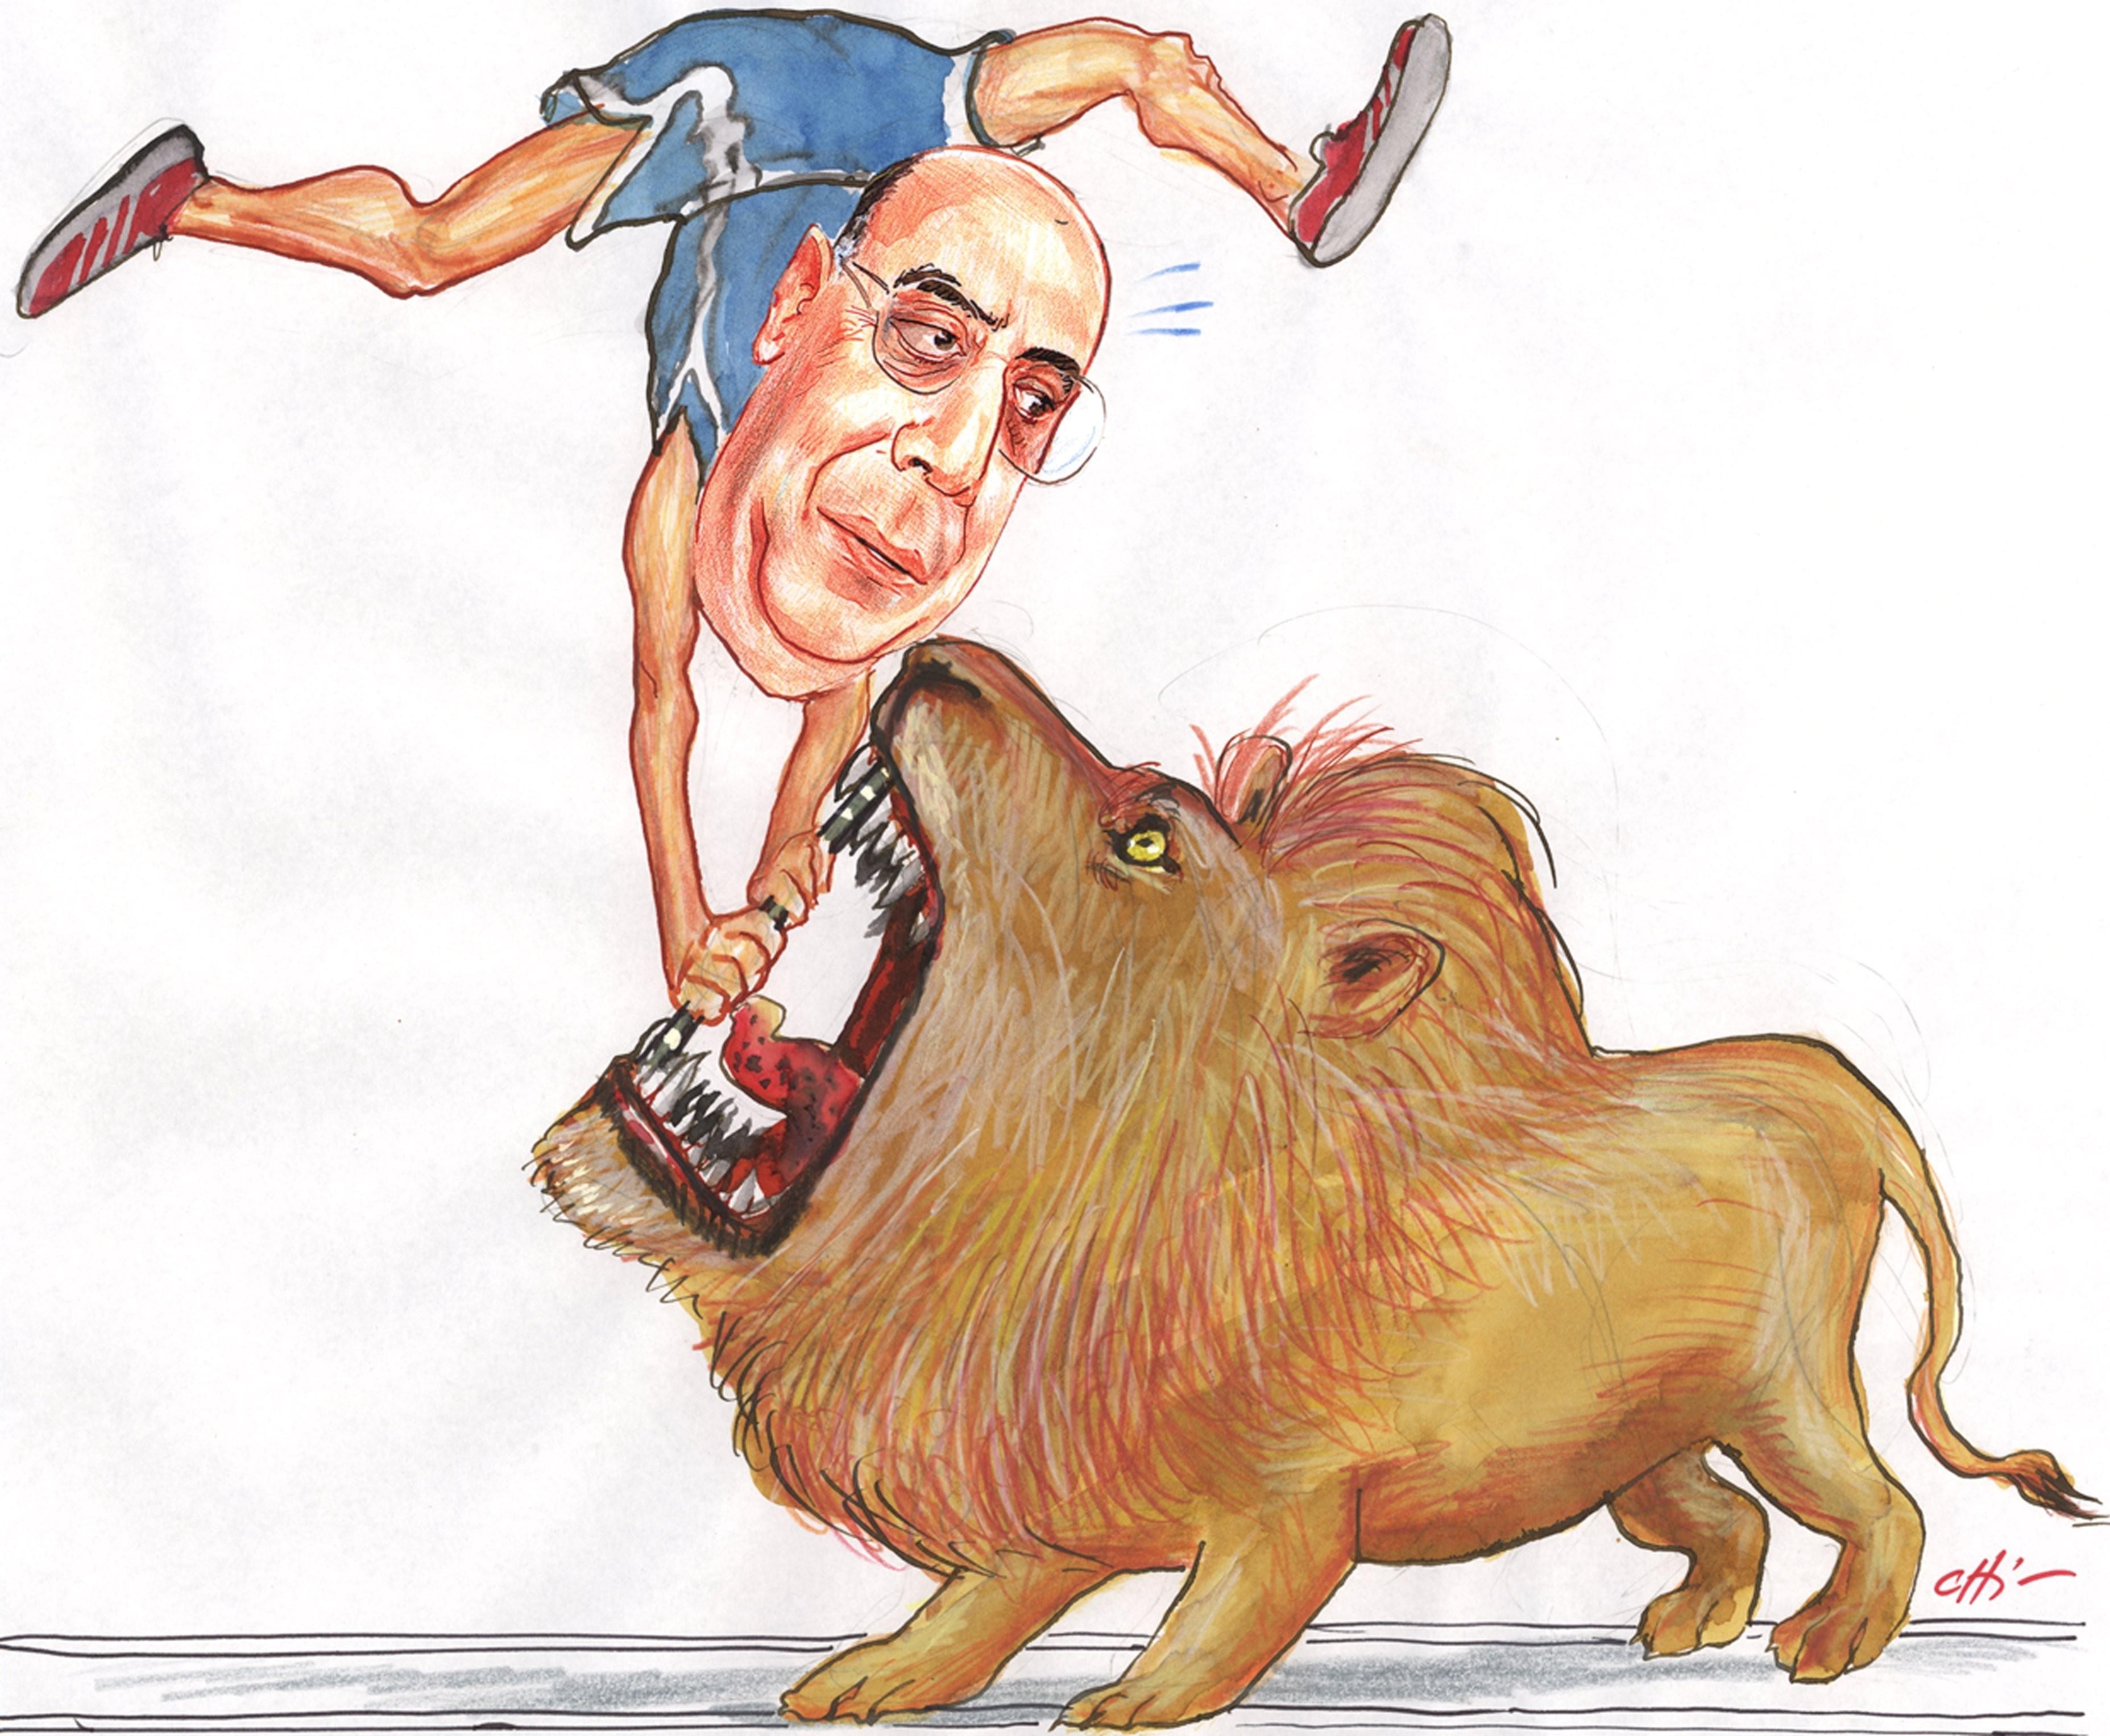 O então presidente do Banco Central, Henrique Meirelles, hoje ministro da Fazenda, lutava com o leão em charge de Chico Caruso